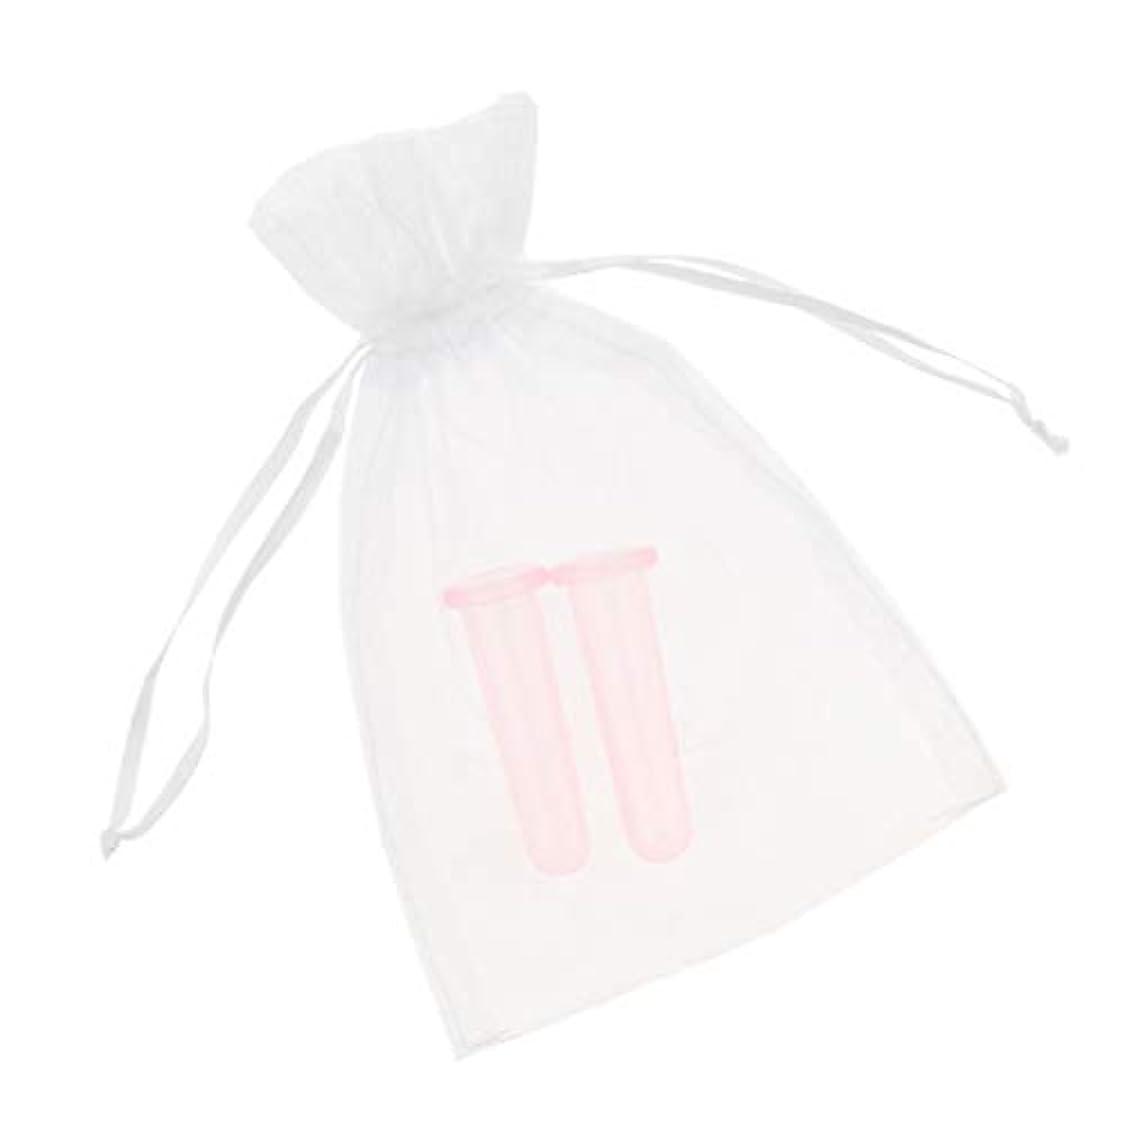 雄弁みすぼらしいせせらぎ2個 真空顔用 シリコーン マッサージカップ 吸い玉 マッサージ カッピング 収納ポーチ付き 全2色 - ピンク